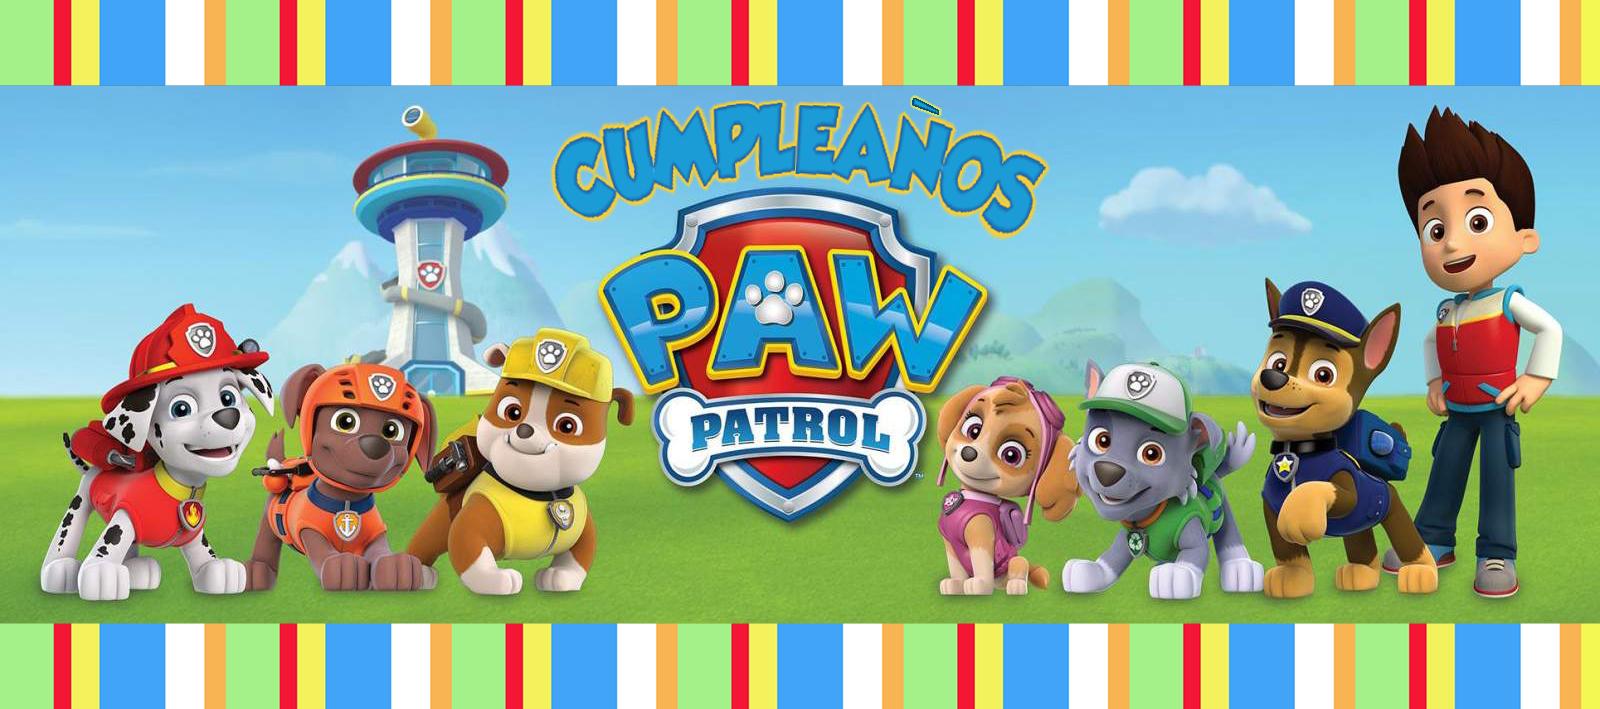 La Patrulla Canina Fiestas Temáticas Para Niños